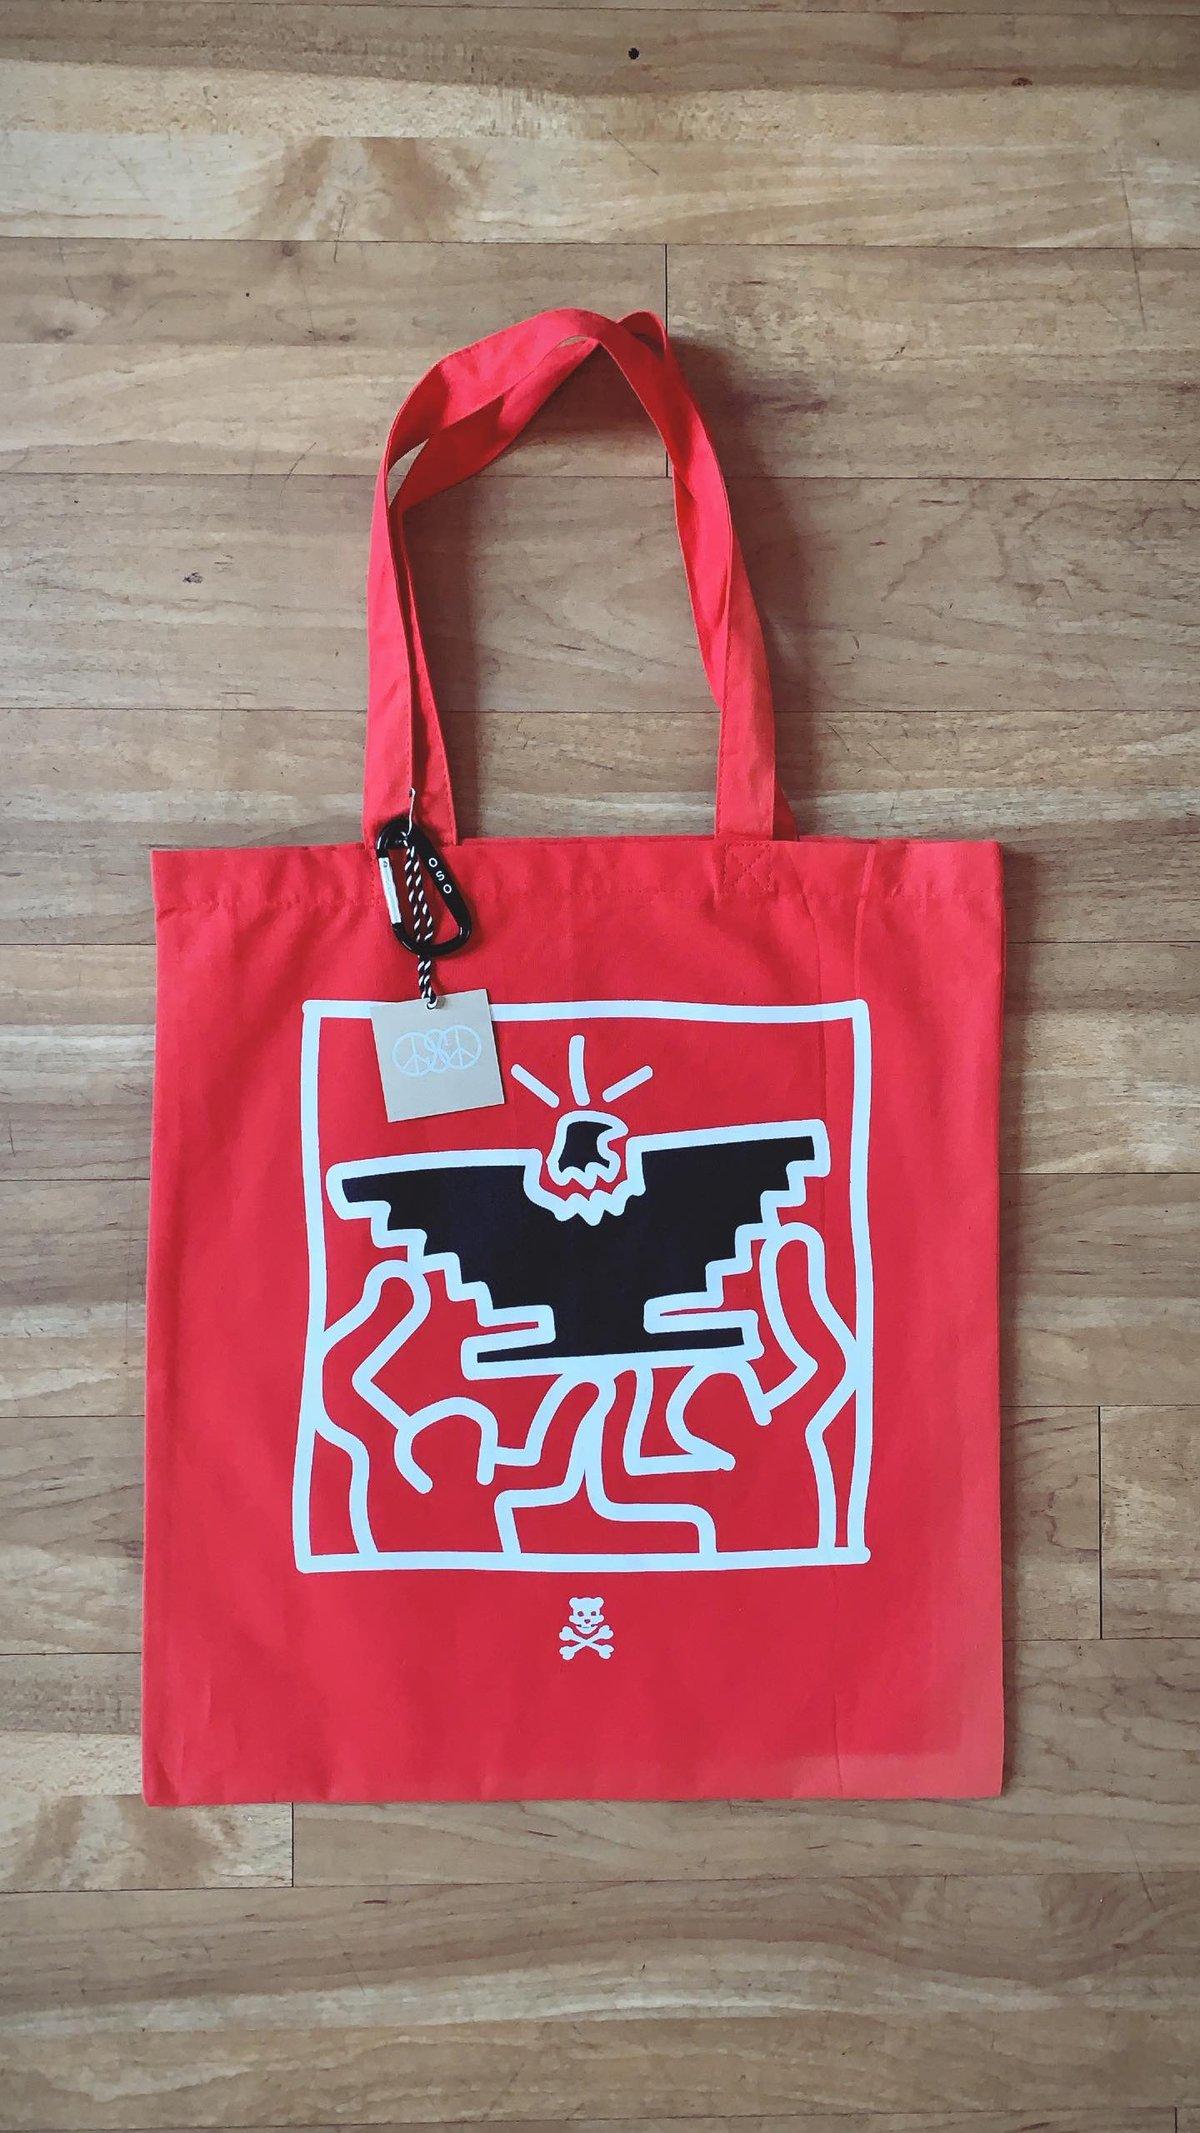 B L K ° E A G L E   Tote Bag